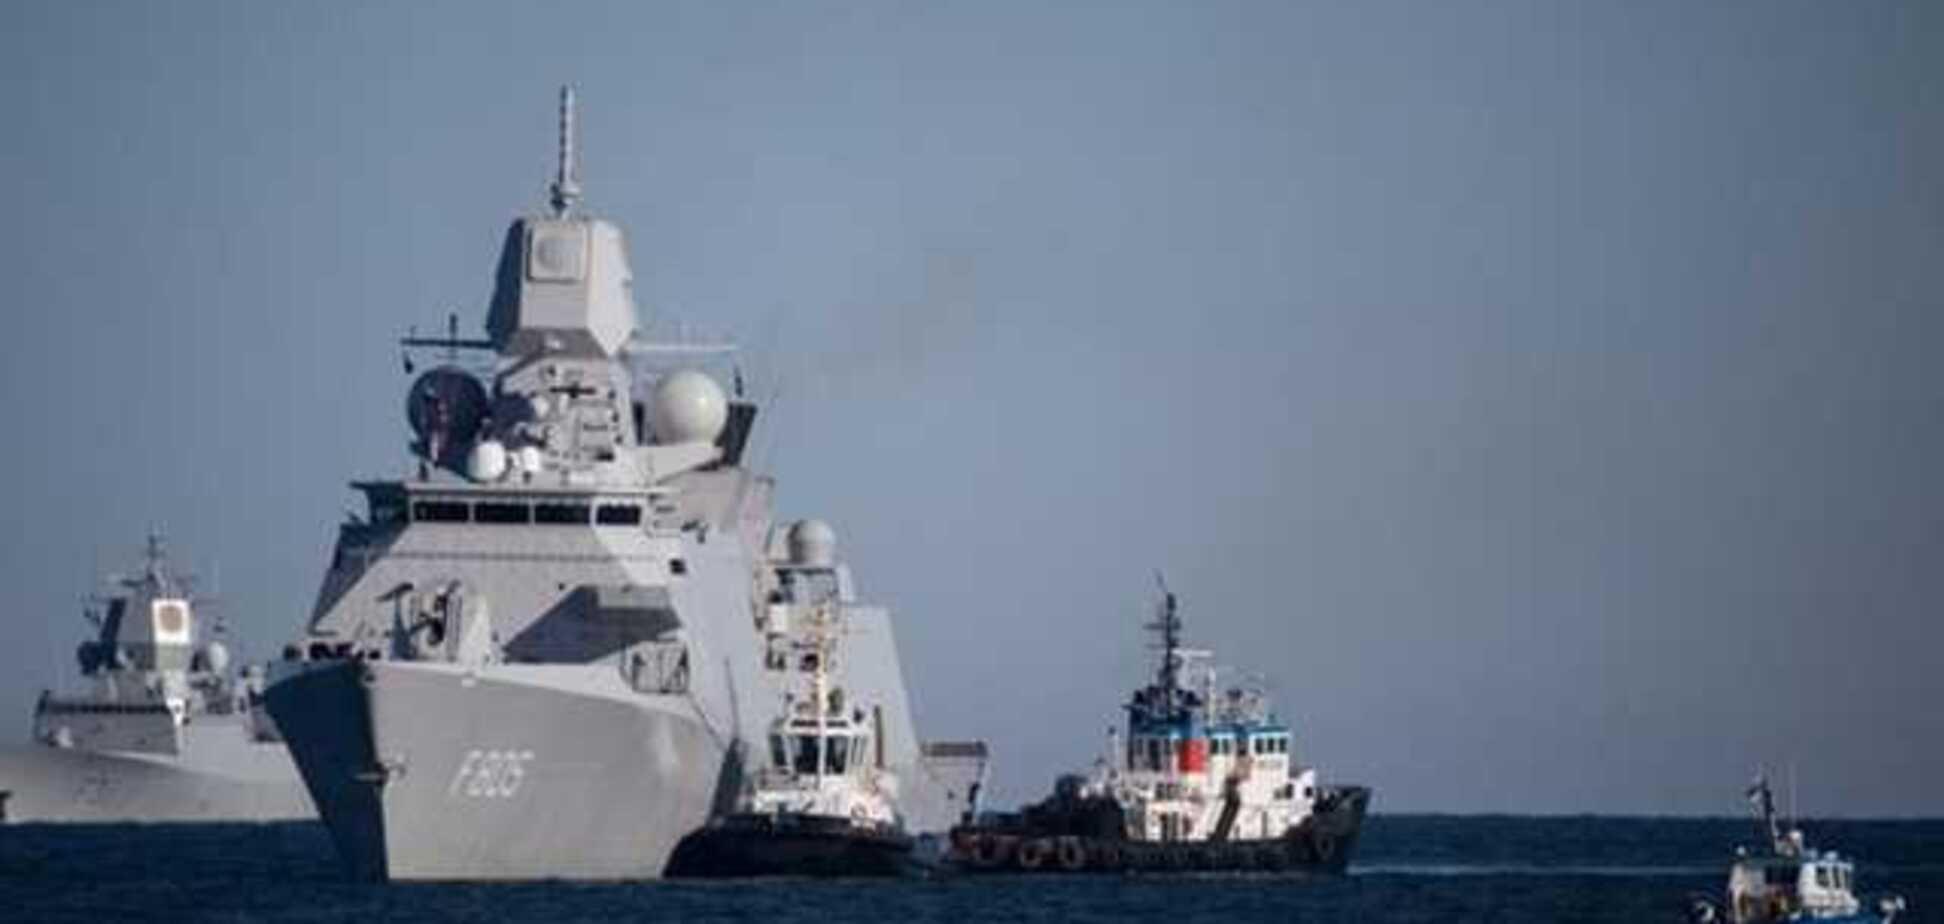 Обанкротить Украину: раскрыт план России на Азовское море